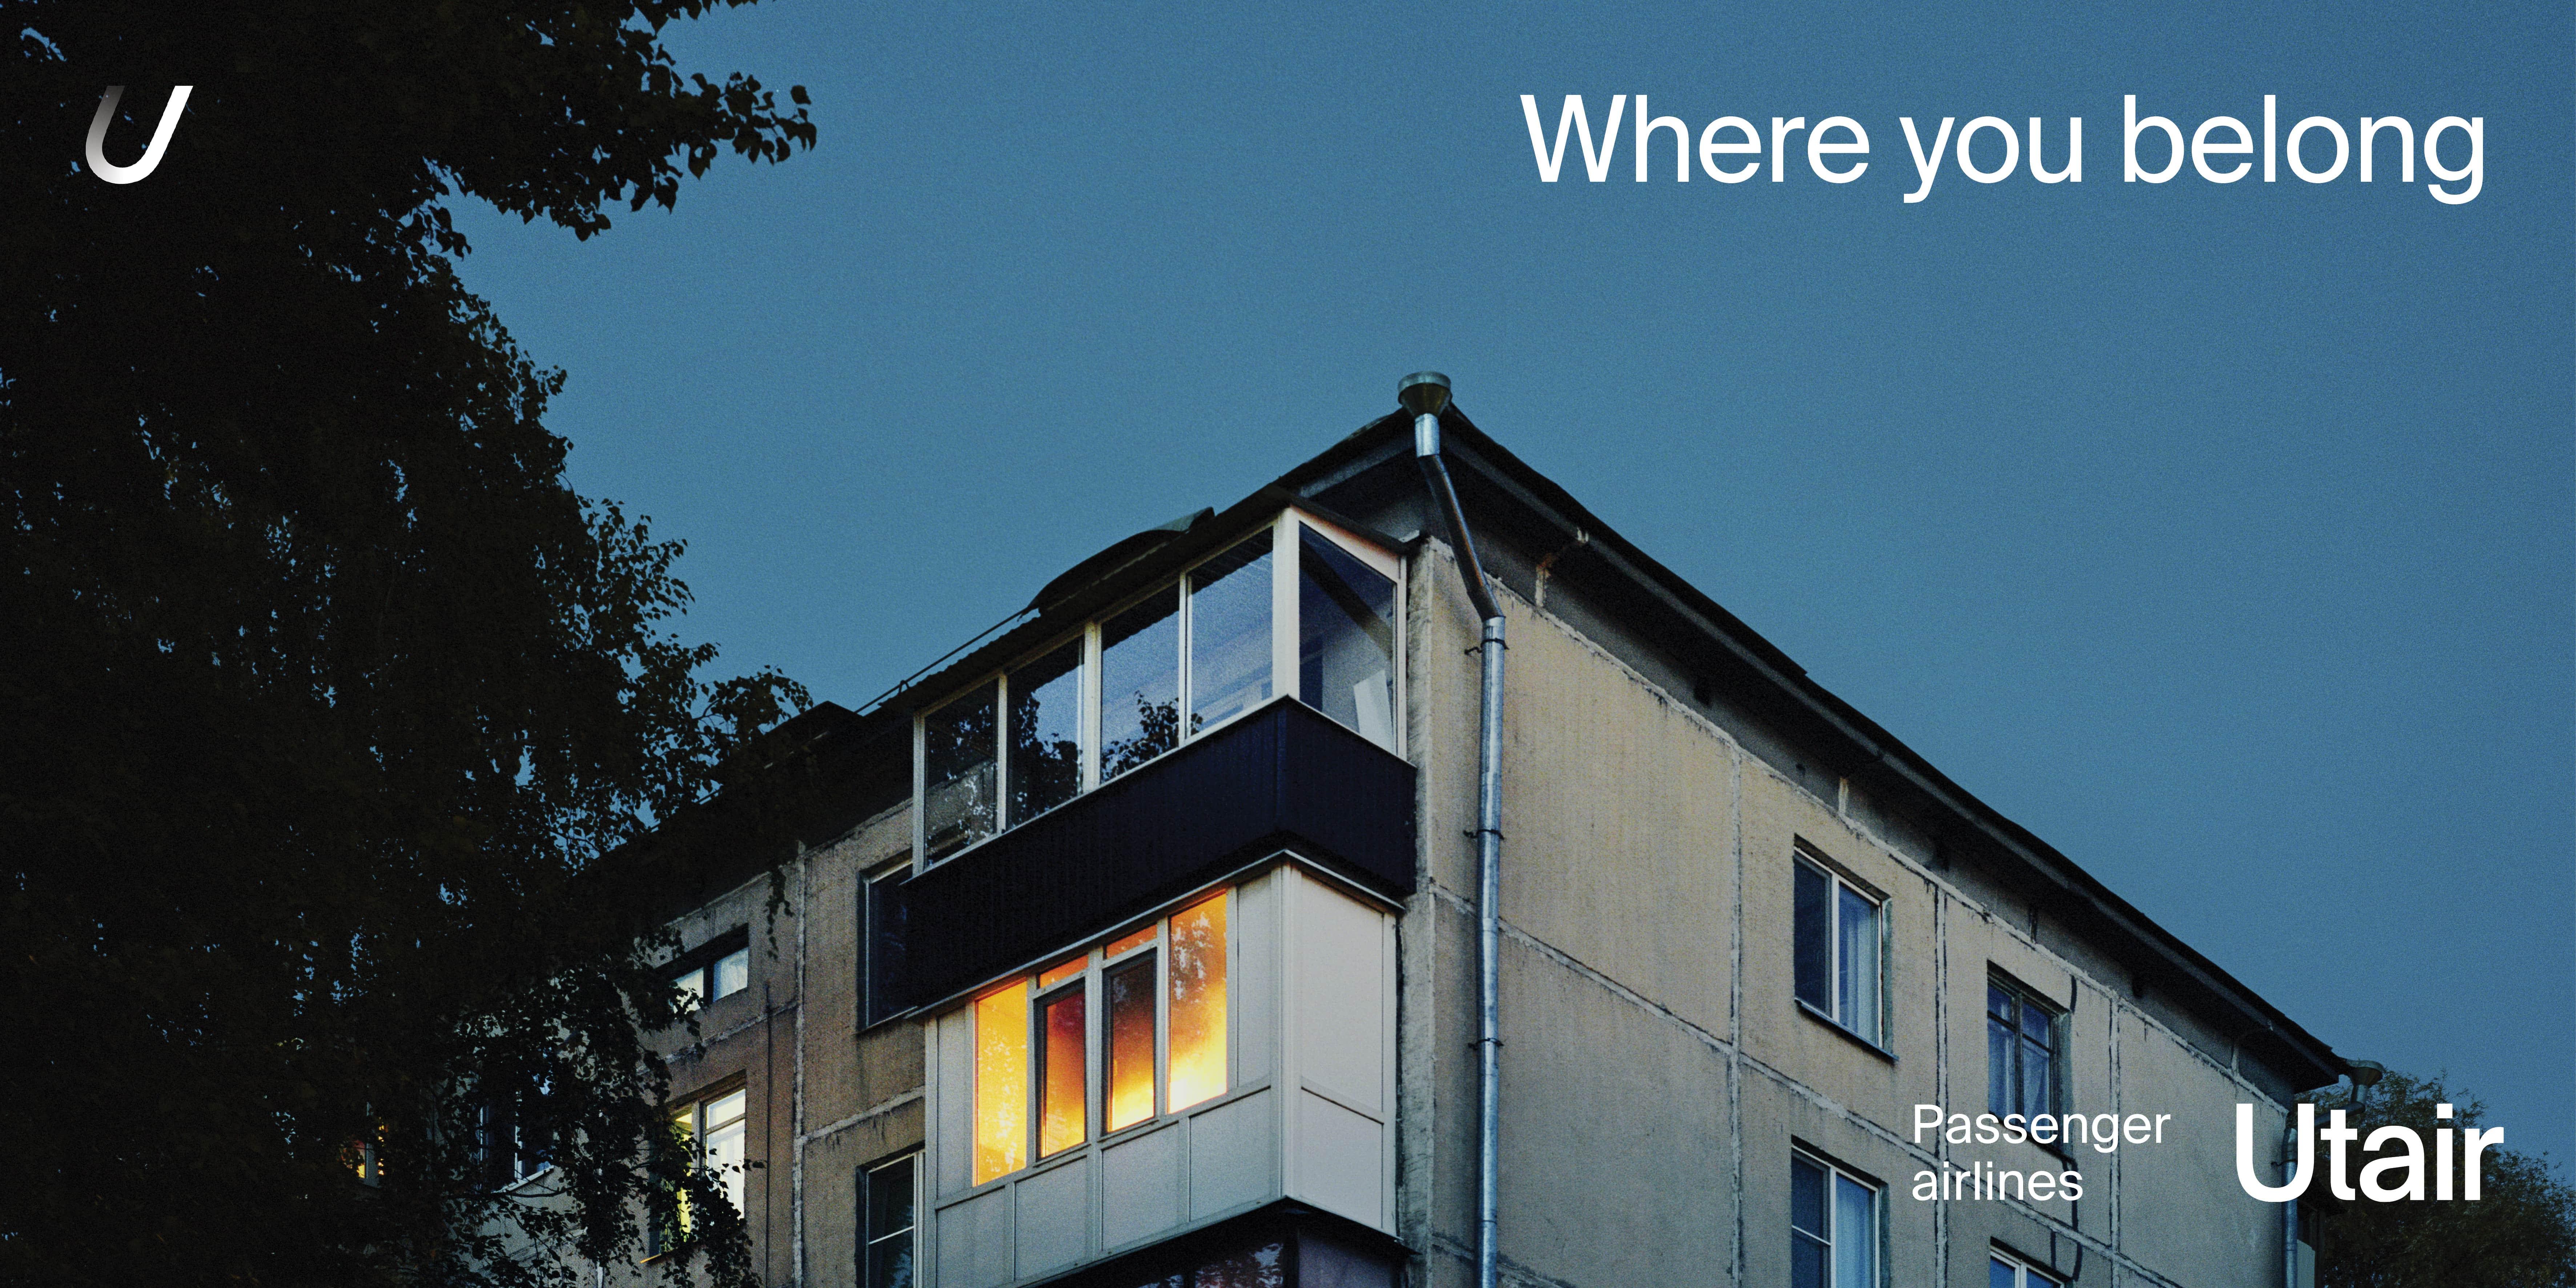 Where you belong